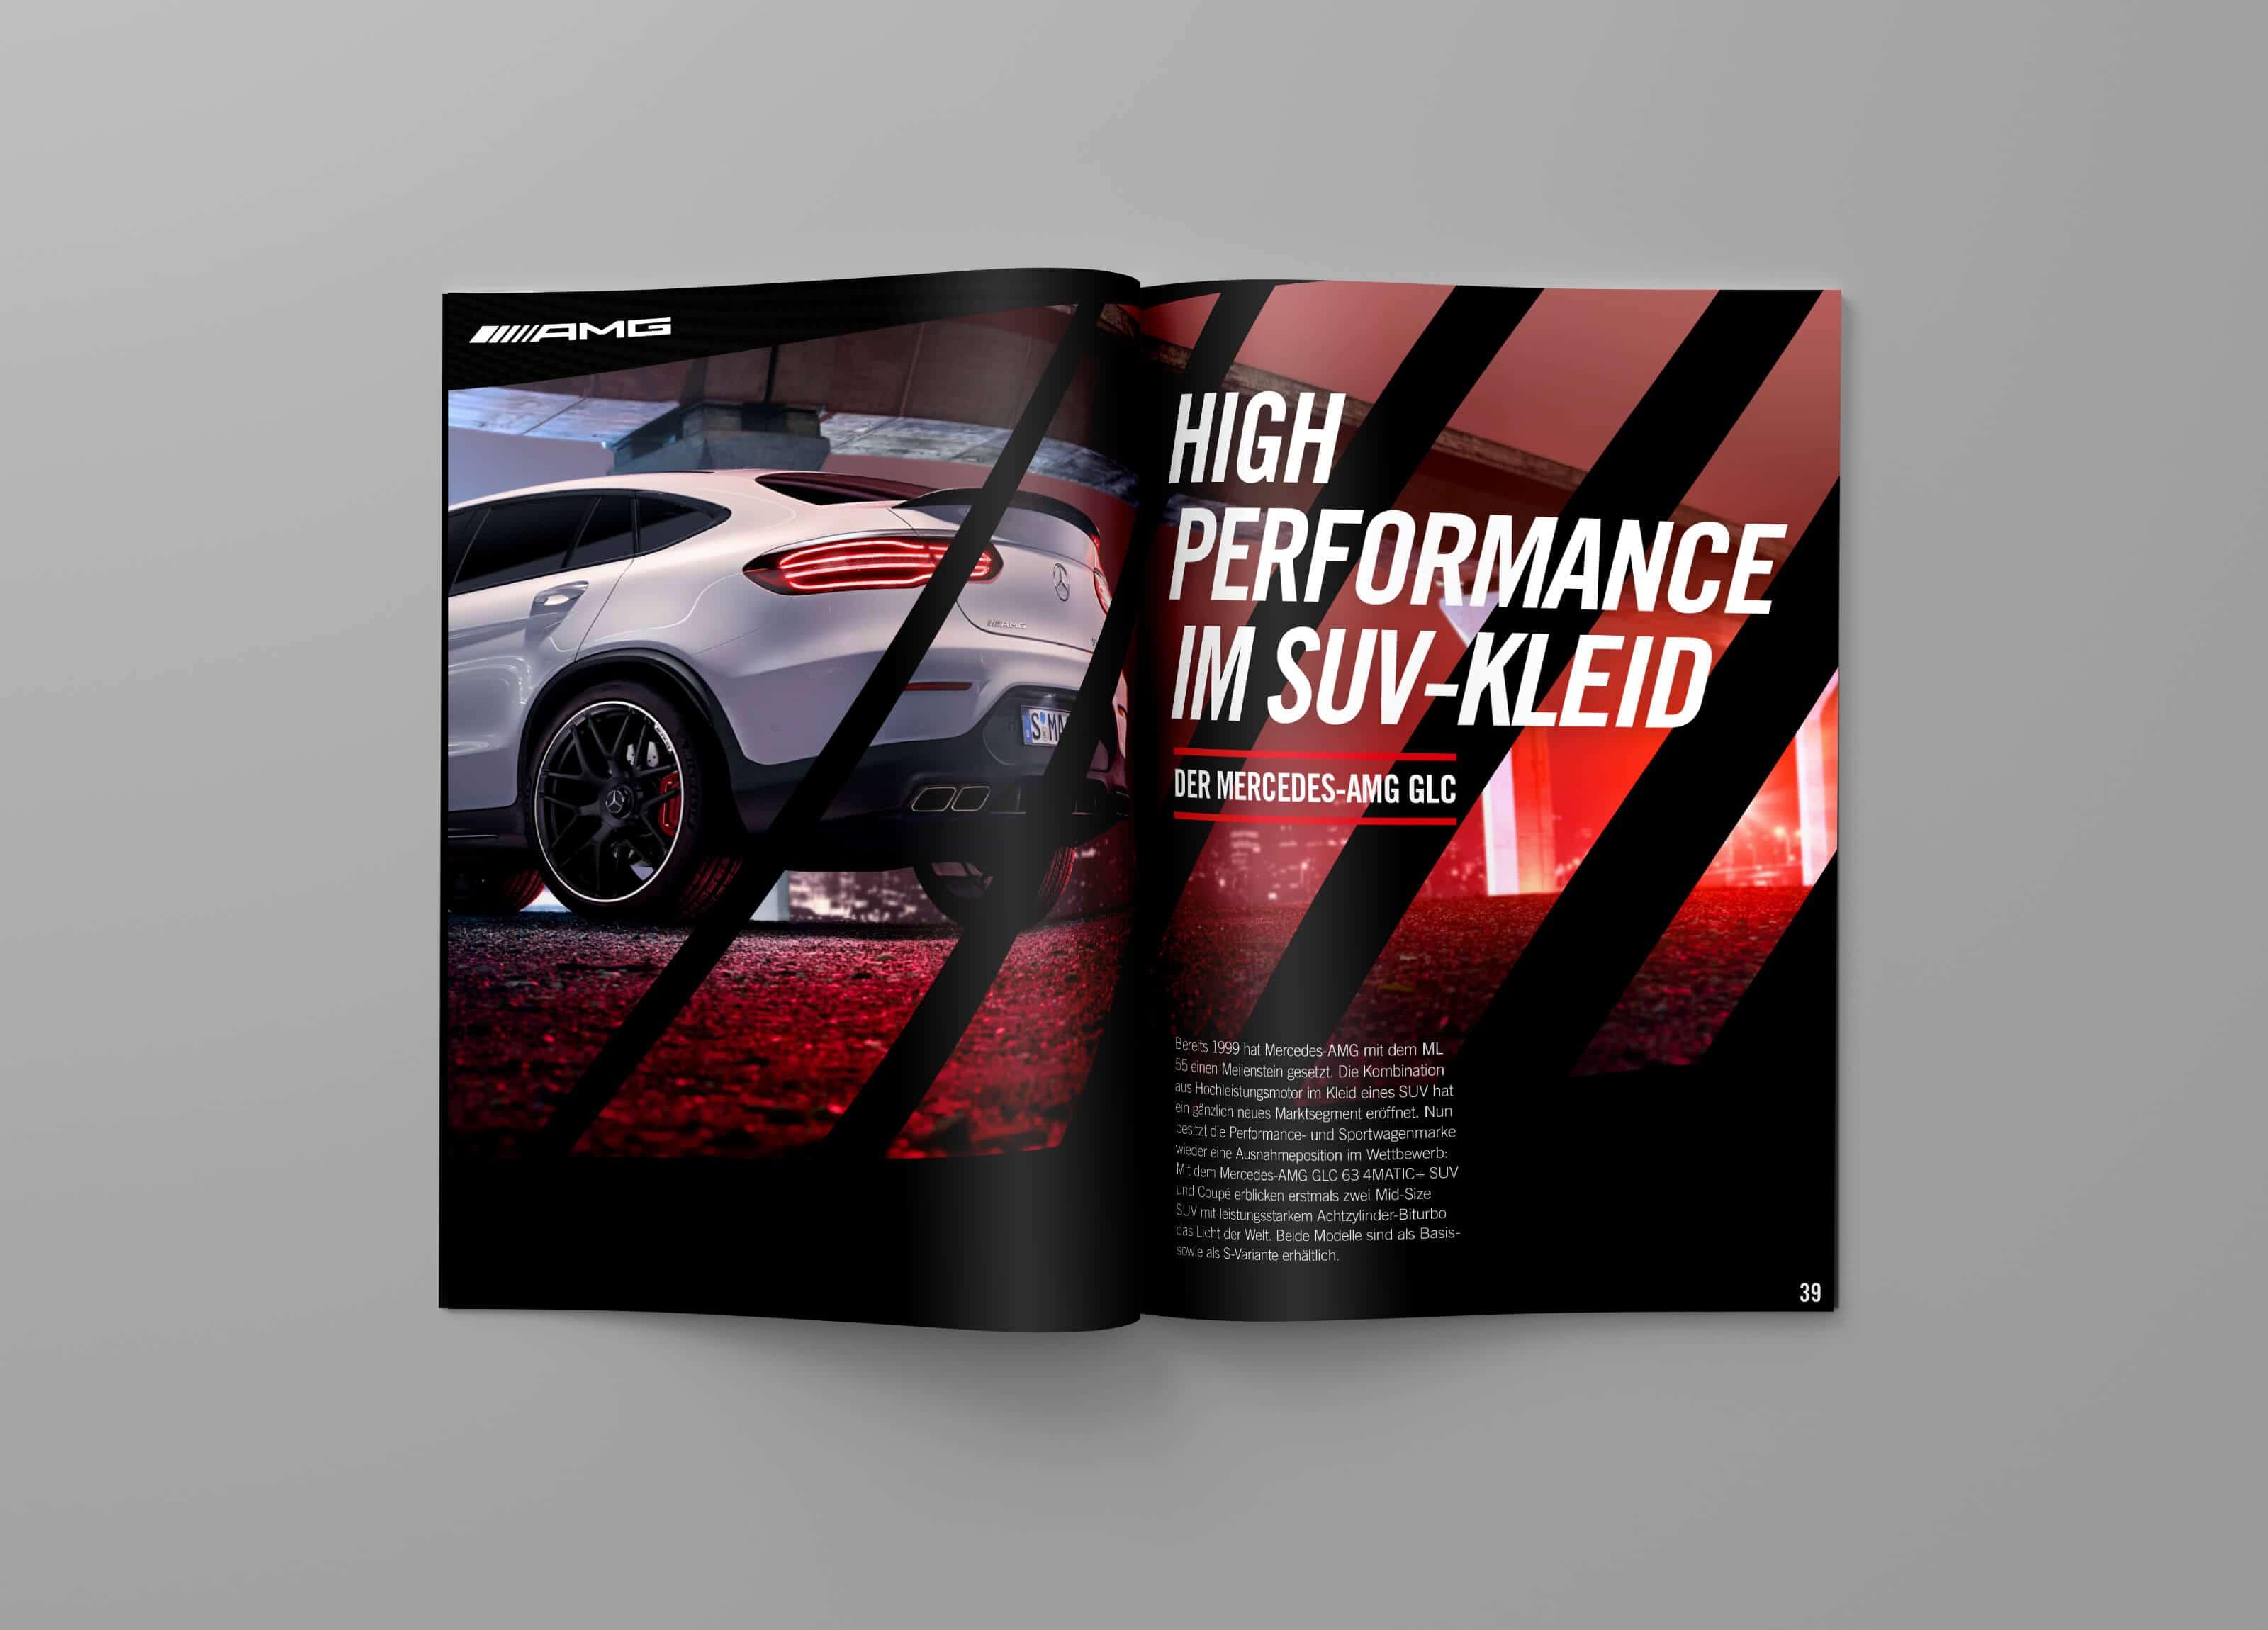 Schade-Kundenmagazin-4-klassische-werbung-referenz